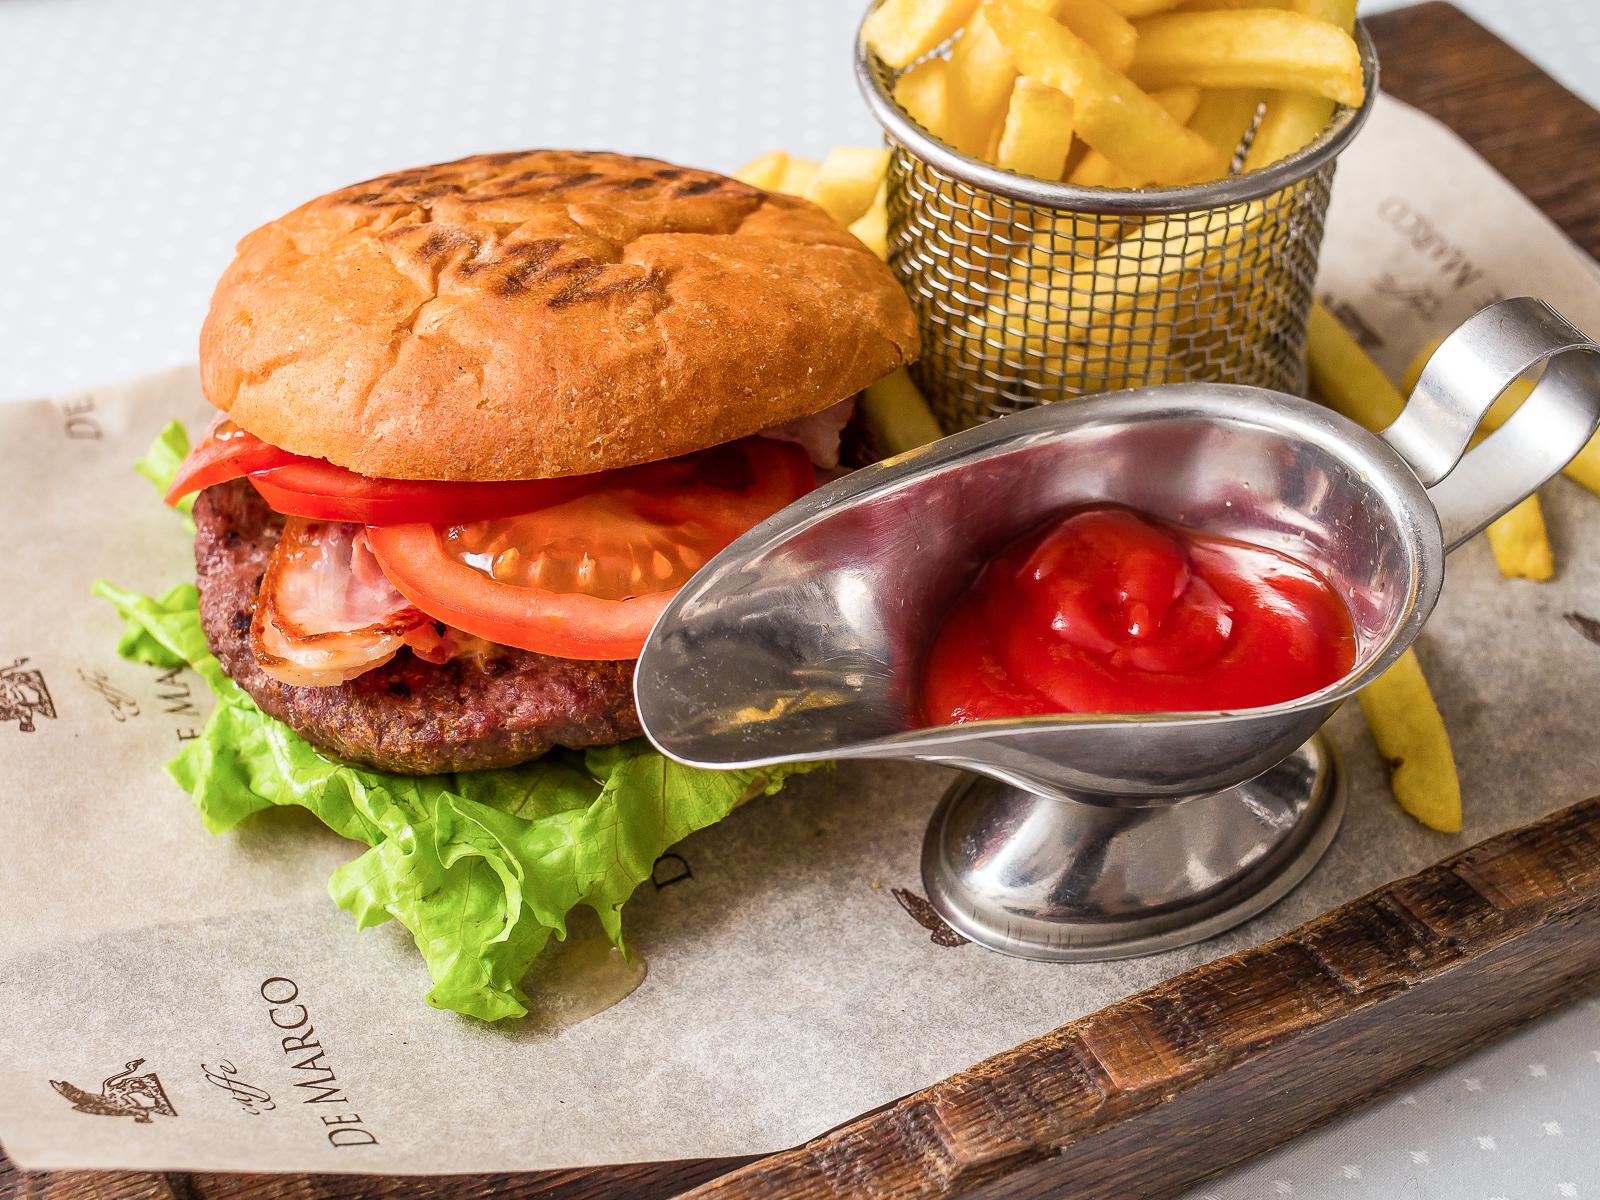 Бургер из рубленной говядины с картофелем фри